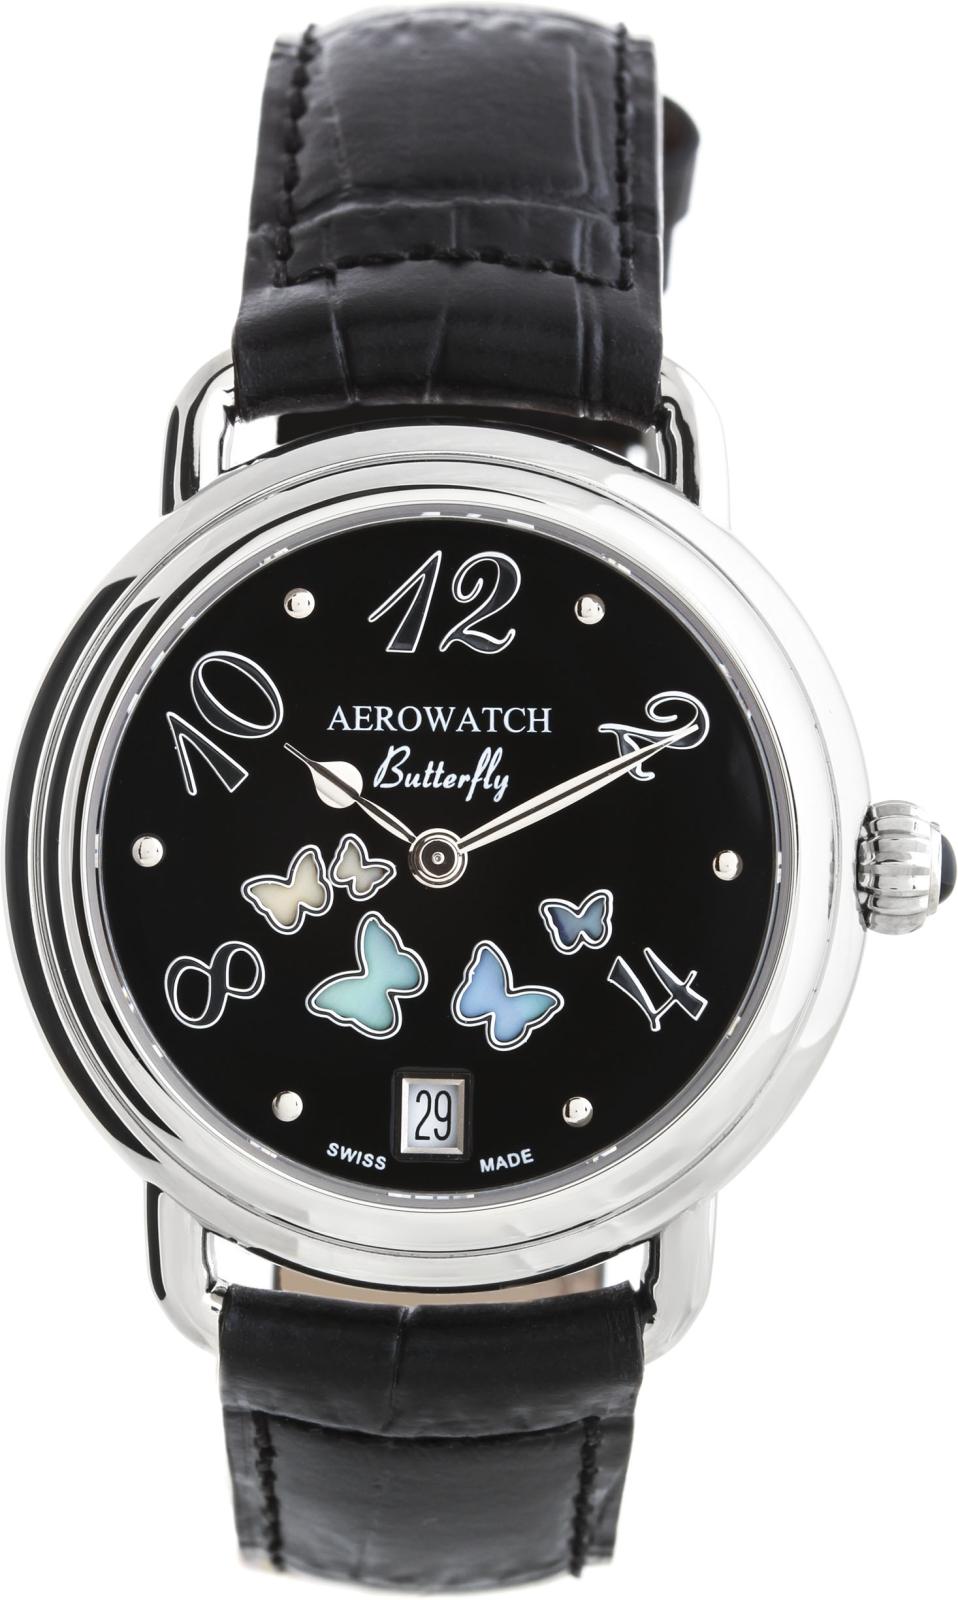 Aerowatch Lady Butterfly 44960 AA03Наручные часы<br>Швейцарские часы Aerowatch Lady Butterfly 44960 AA03<br><br>Пол: Женские<br>Страна-производитель: Швейцария<br>Механизм: Кварцевый<br>Материал корпуса: Сталь<br>Материал ремня/браслета: Кожа<br>Водозащита, диапазон: 20 - 100 м<br>Стекло: Сапфировое<br>Толщина корпуса: 9 мм<br>Стиль: Классика